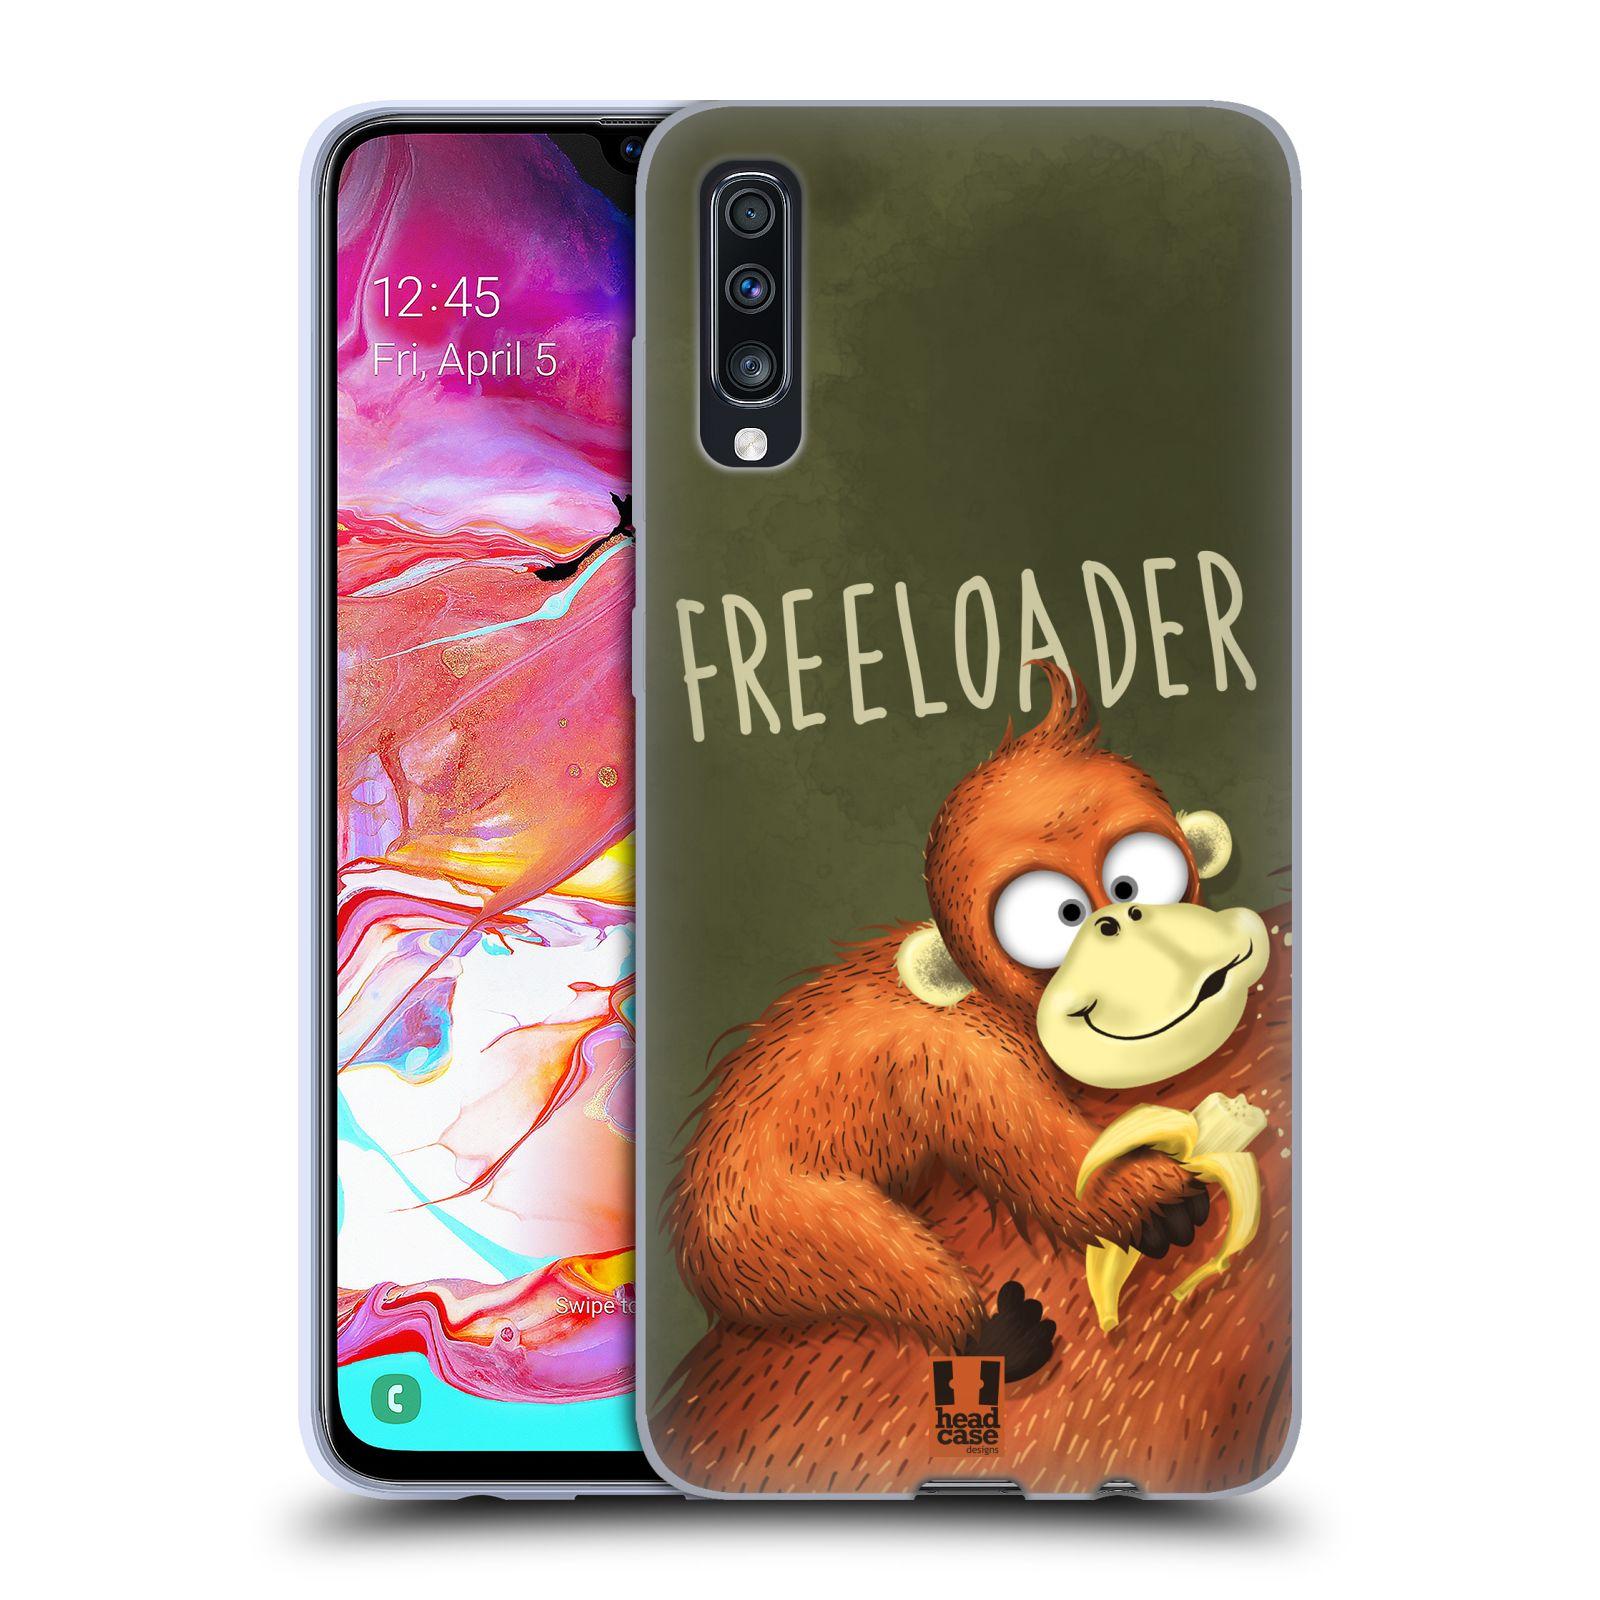 Silikonové pouzdro na mobil Samsung Galaxy A70 - Head Case - Opičák Freeloader